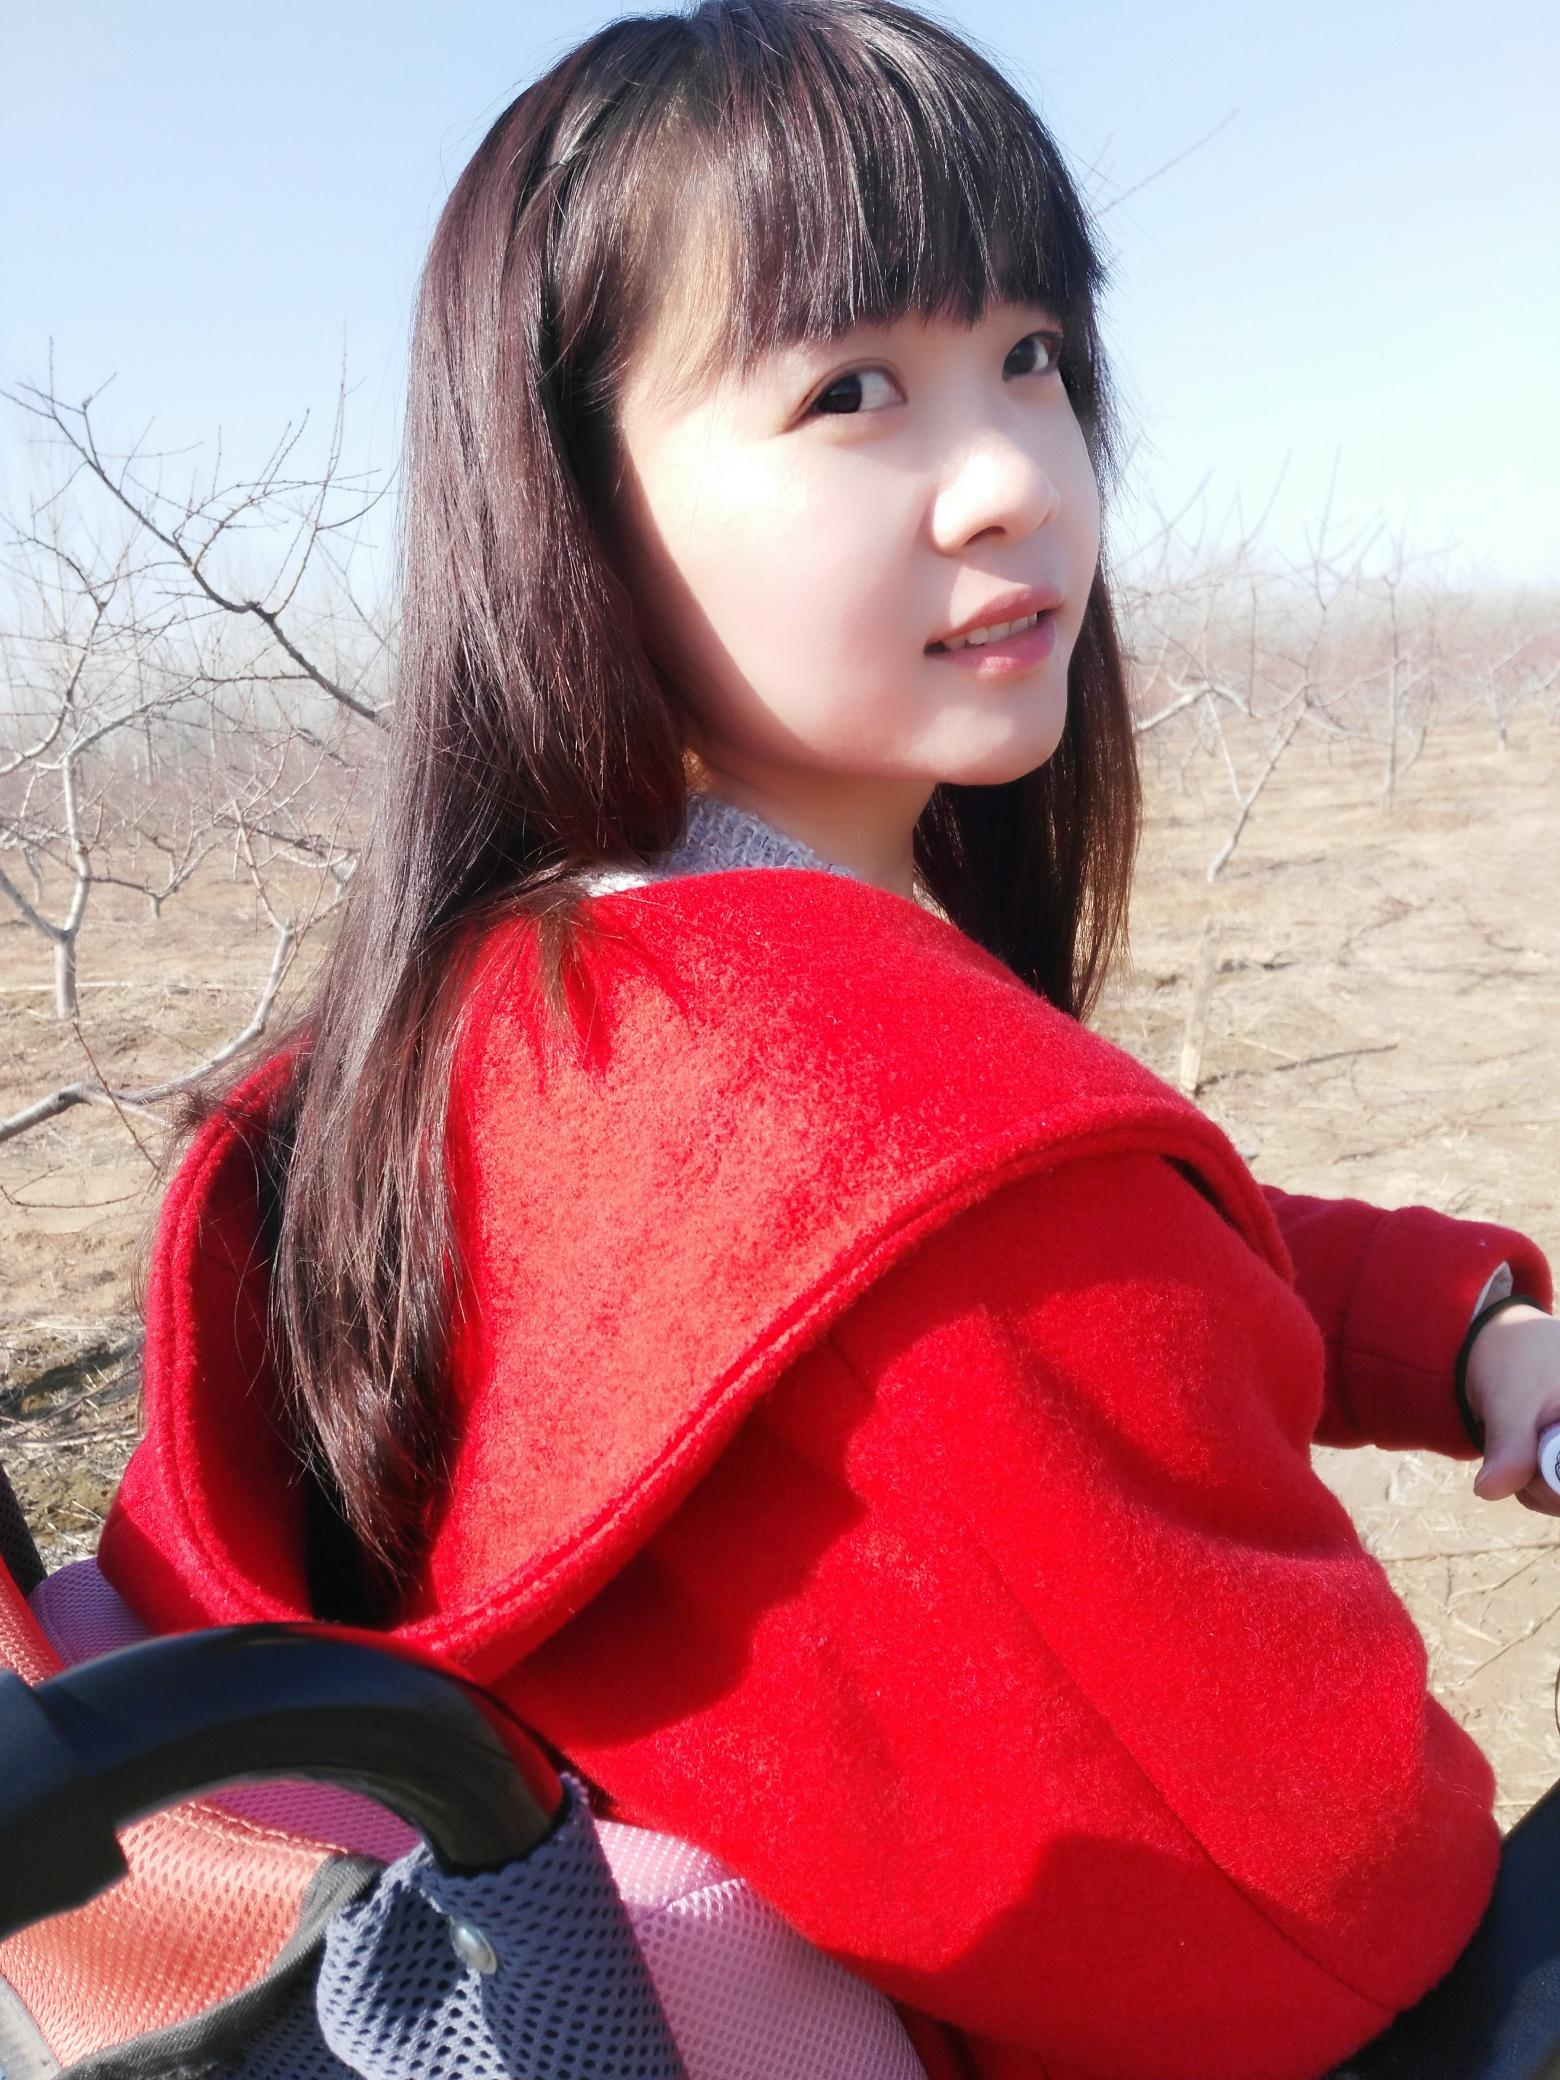 """""""油桃妹""""——善良美丽的残疾姑娘韩文静-19岁地震孤儿独立导演的纪录片《轮椅上的女孩》 人物故事 第1张"""